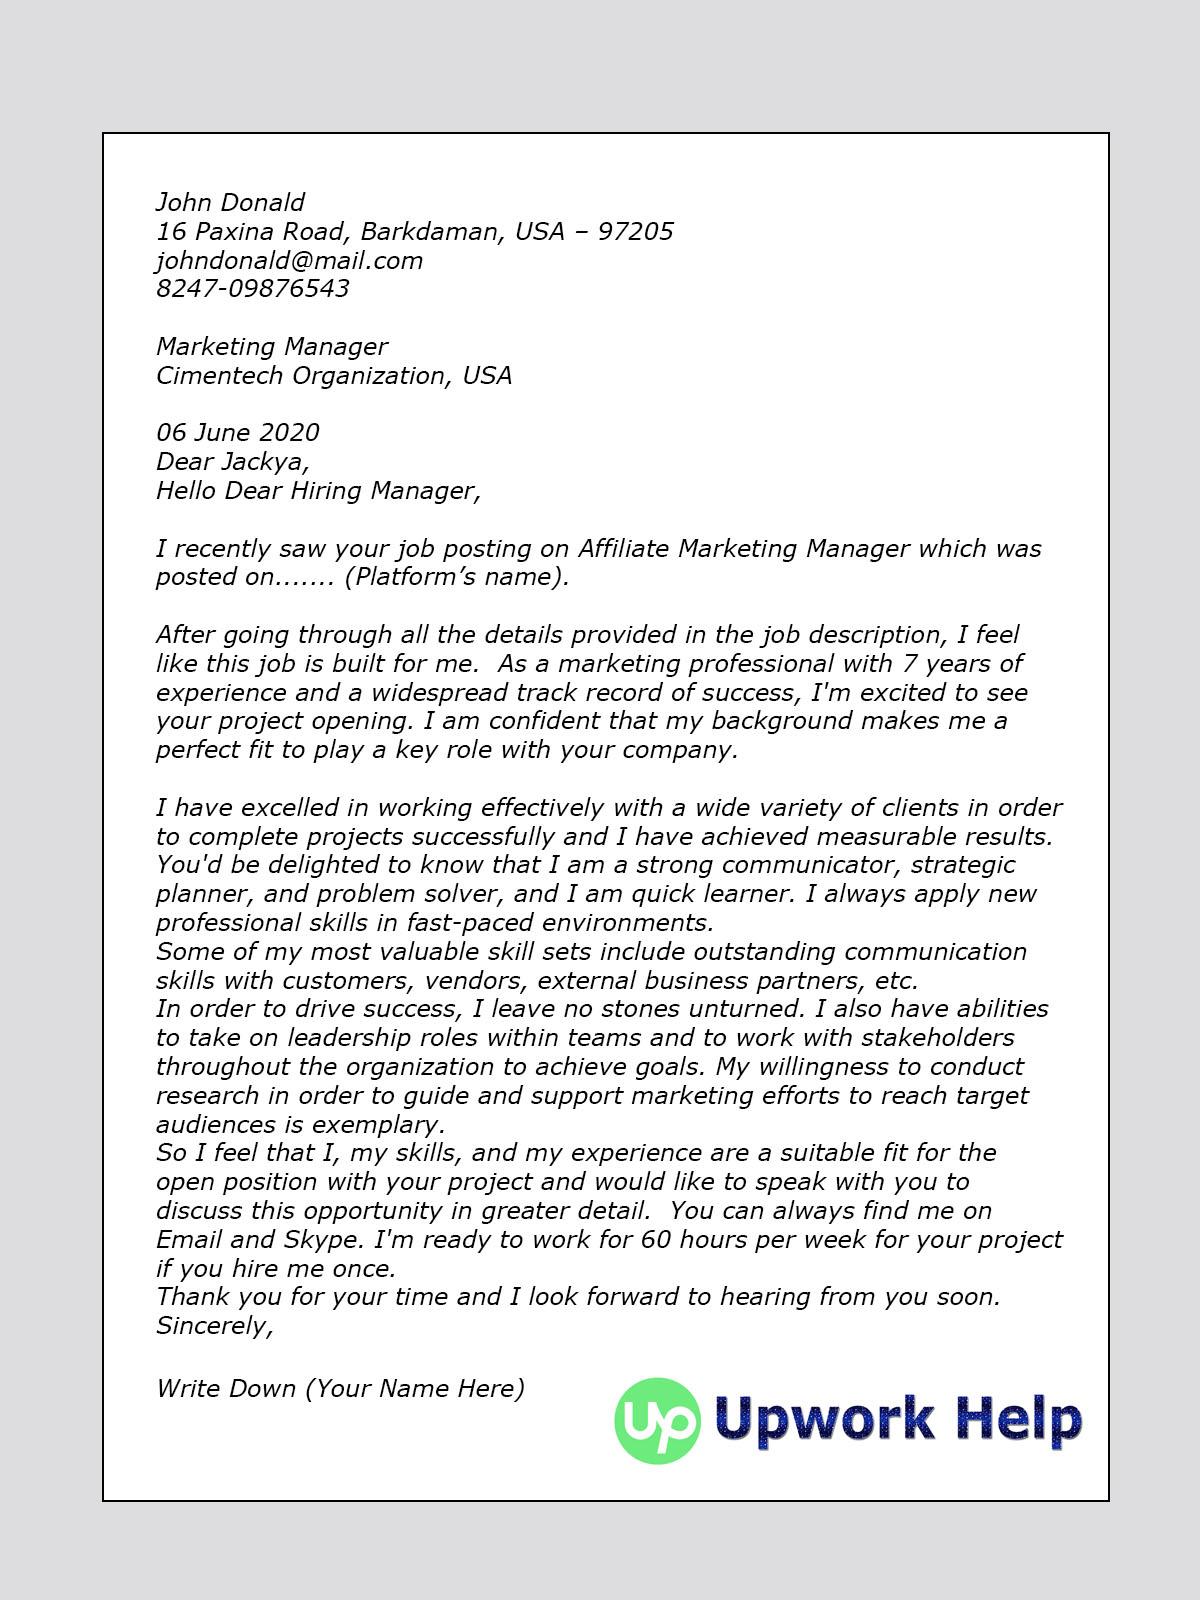 Upwork Cover Letter Sample For Affiliate Marketing